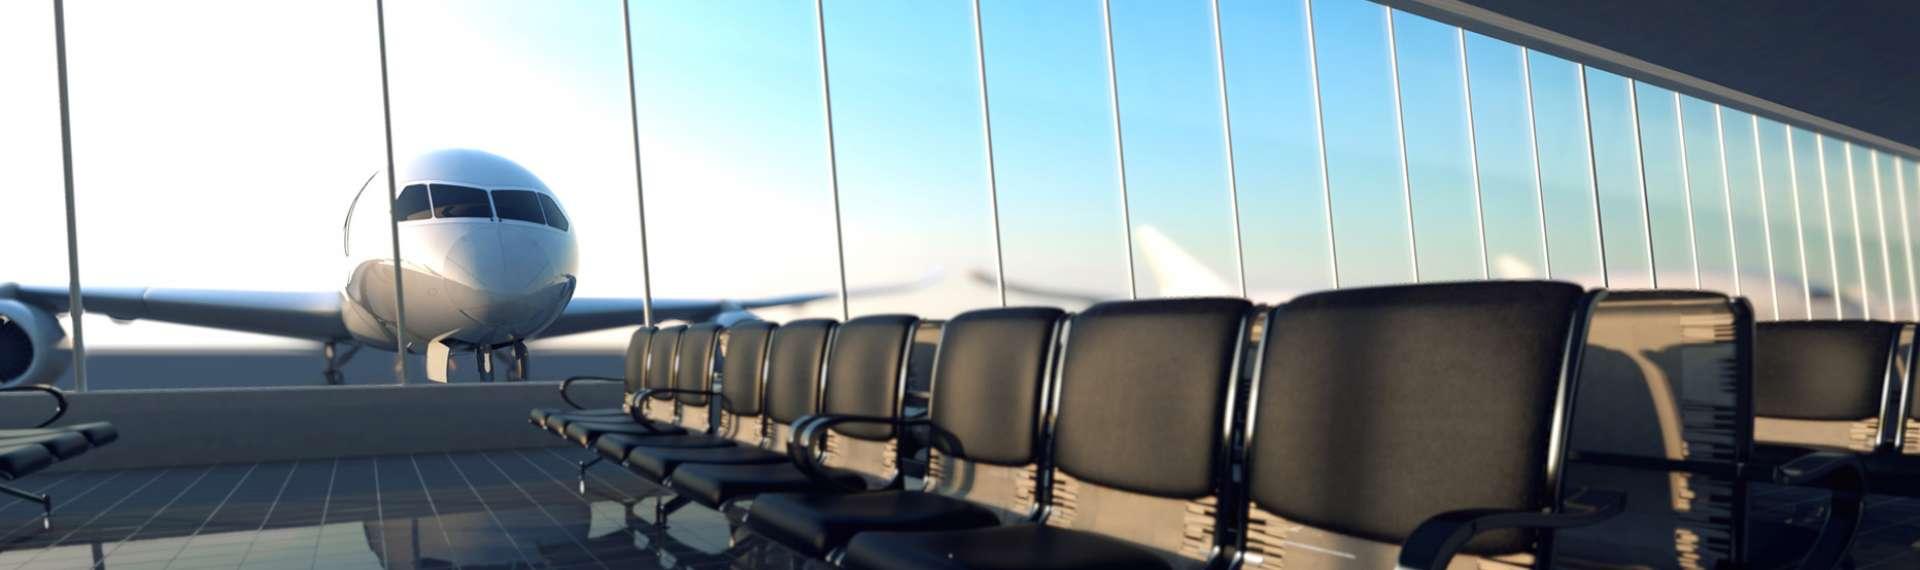 elazığ havalimanı oto kiralama